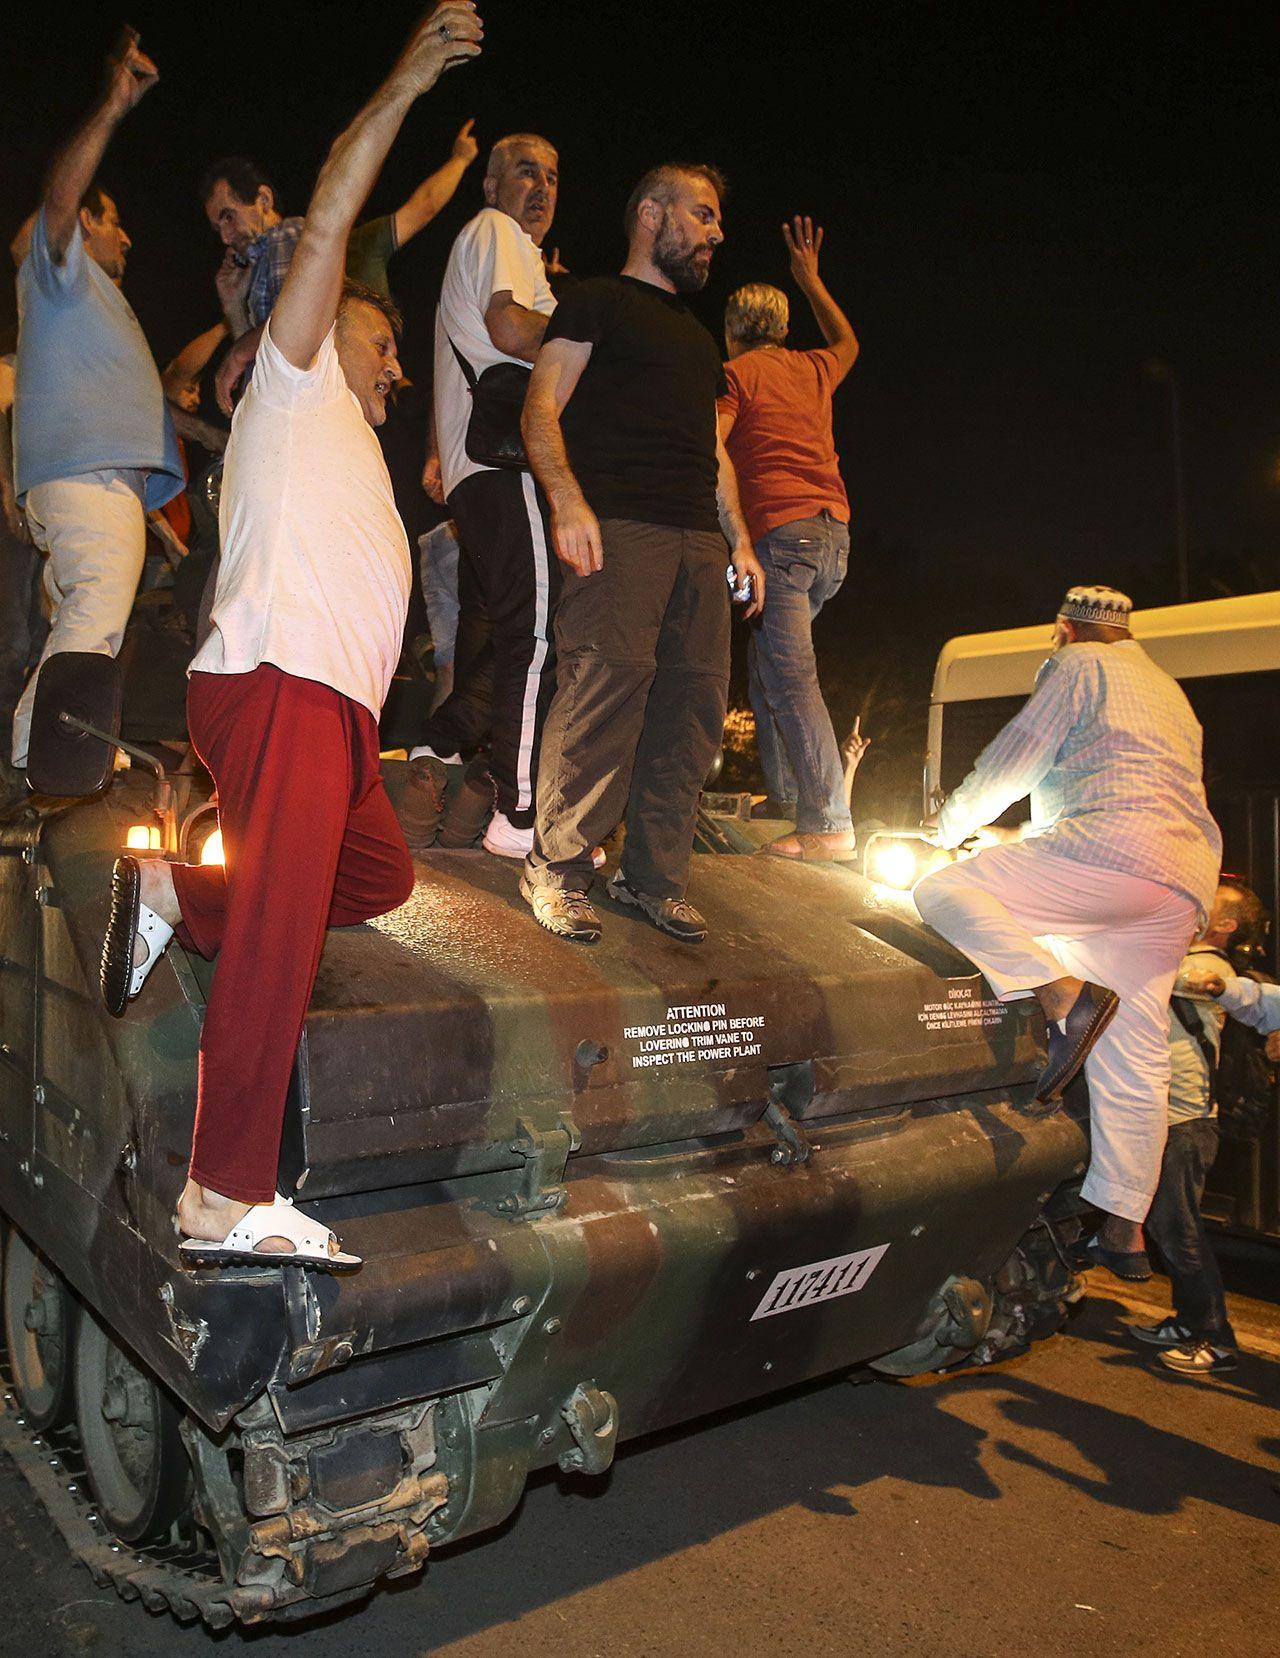 Türkiye'nin en kanlı gecesinde yaşananlar - Sayfa 3